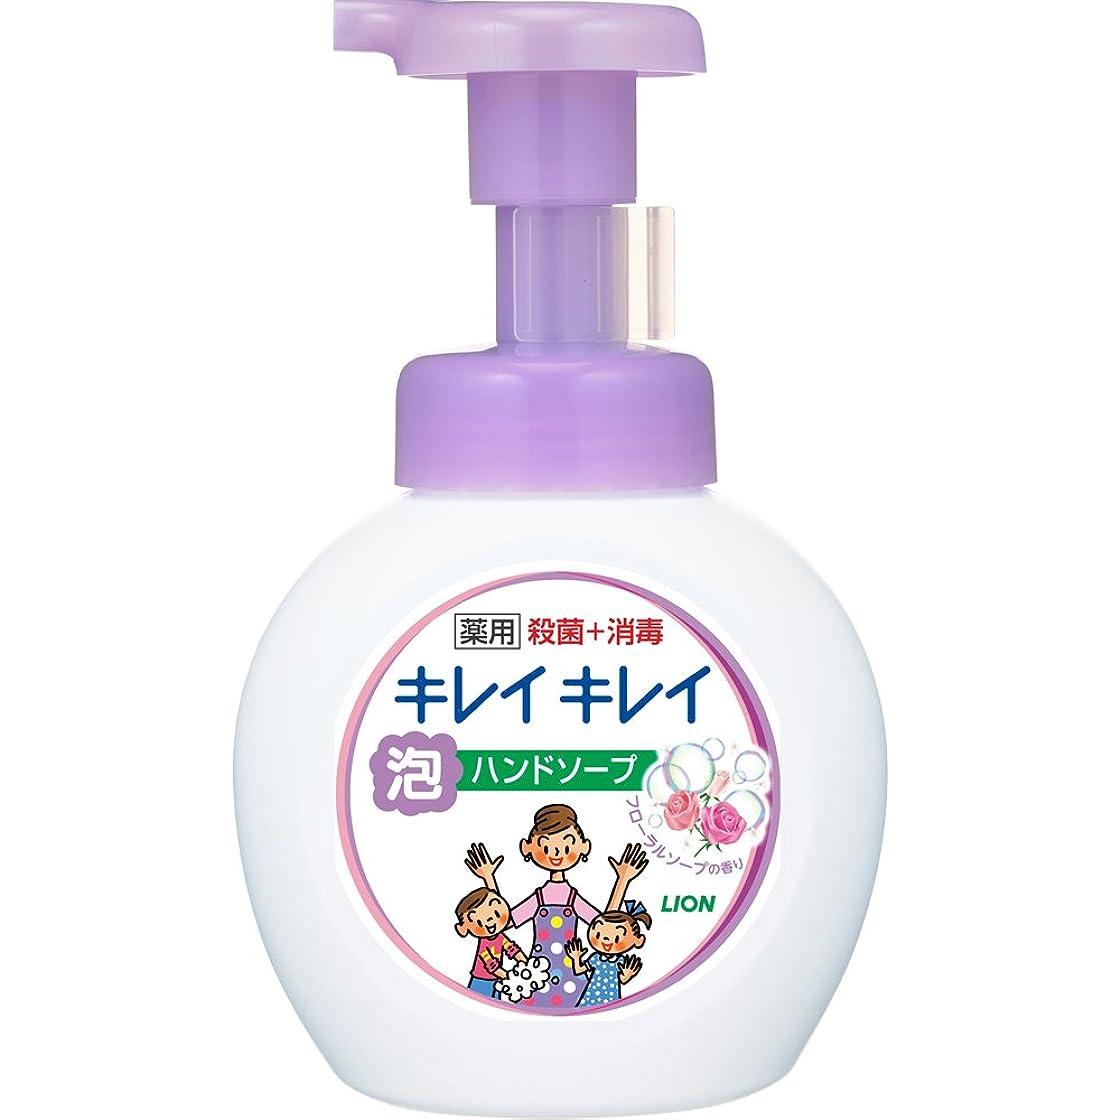 フィヨルド不運ダンスキレイキレイ 薬用 泡ハンドソープ フローラルソープの香り 本体ポンプ 250ml(医薬部外品)